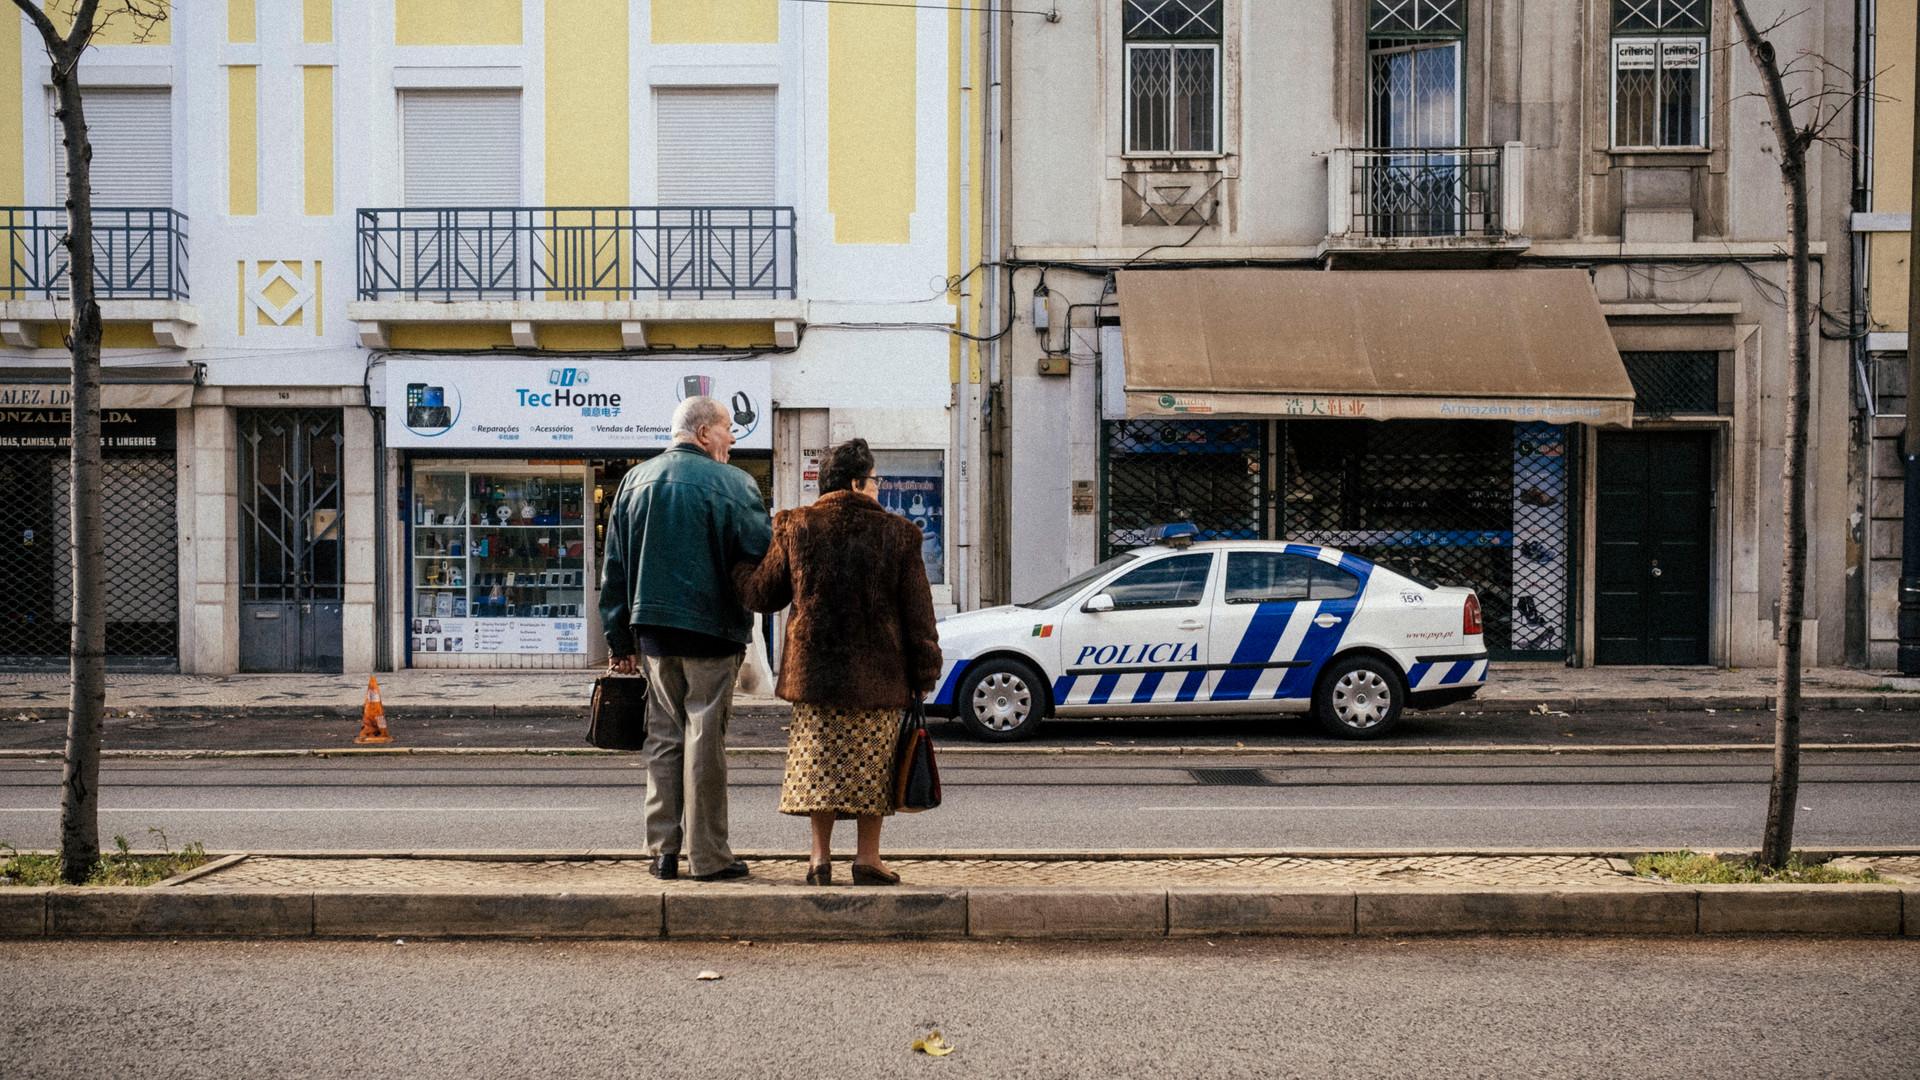 Lisboa20.1_AlexKleis (23 von 82).jpg